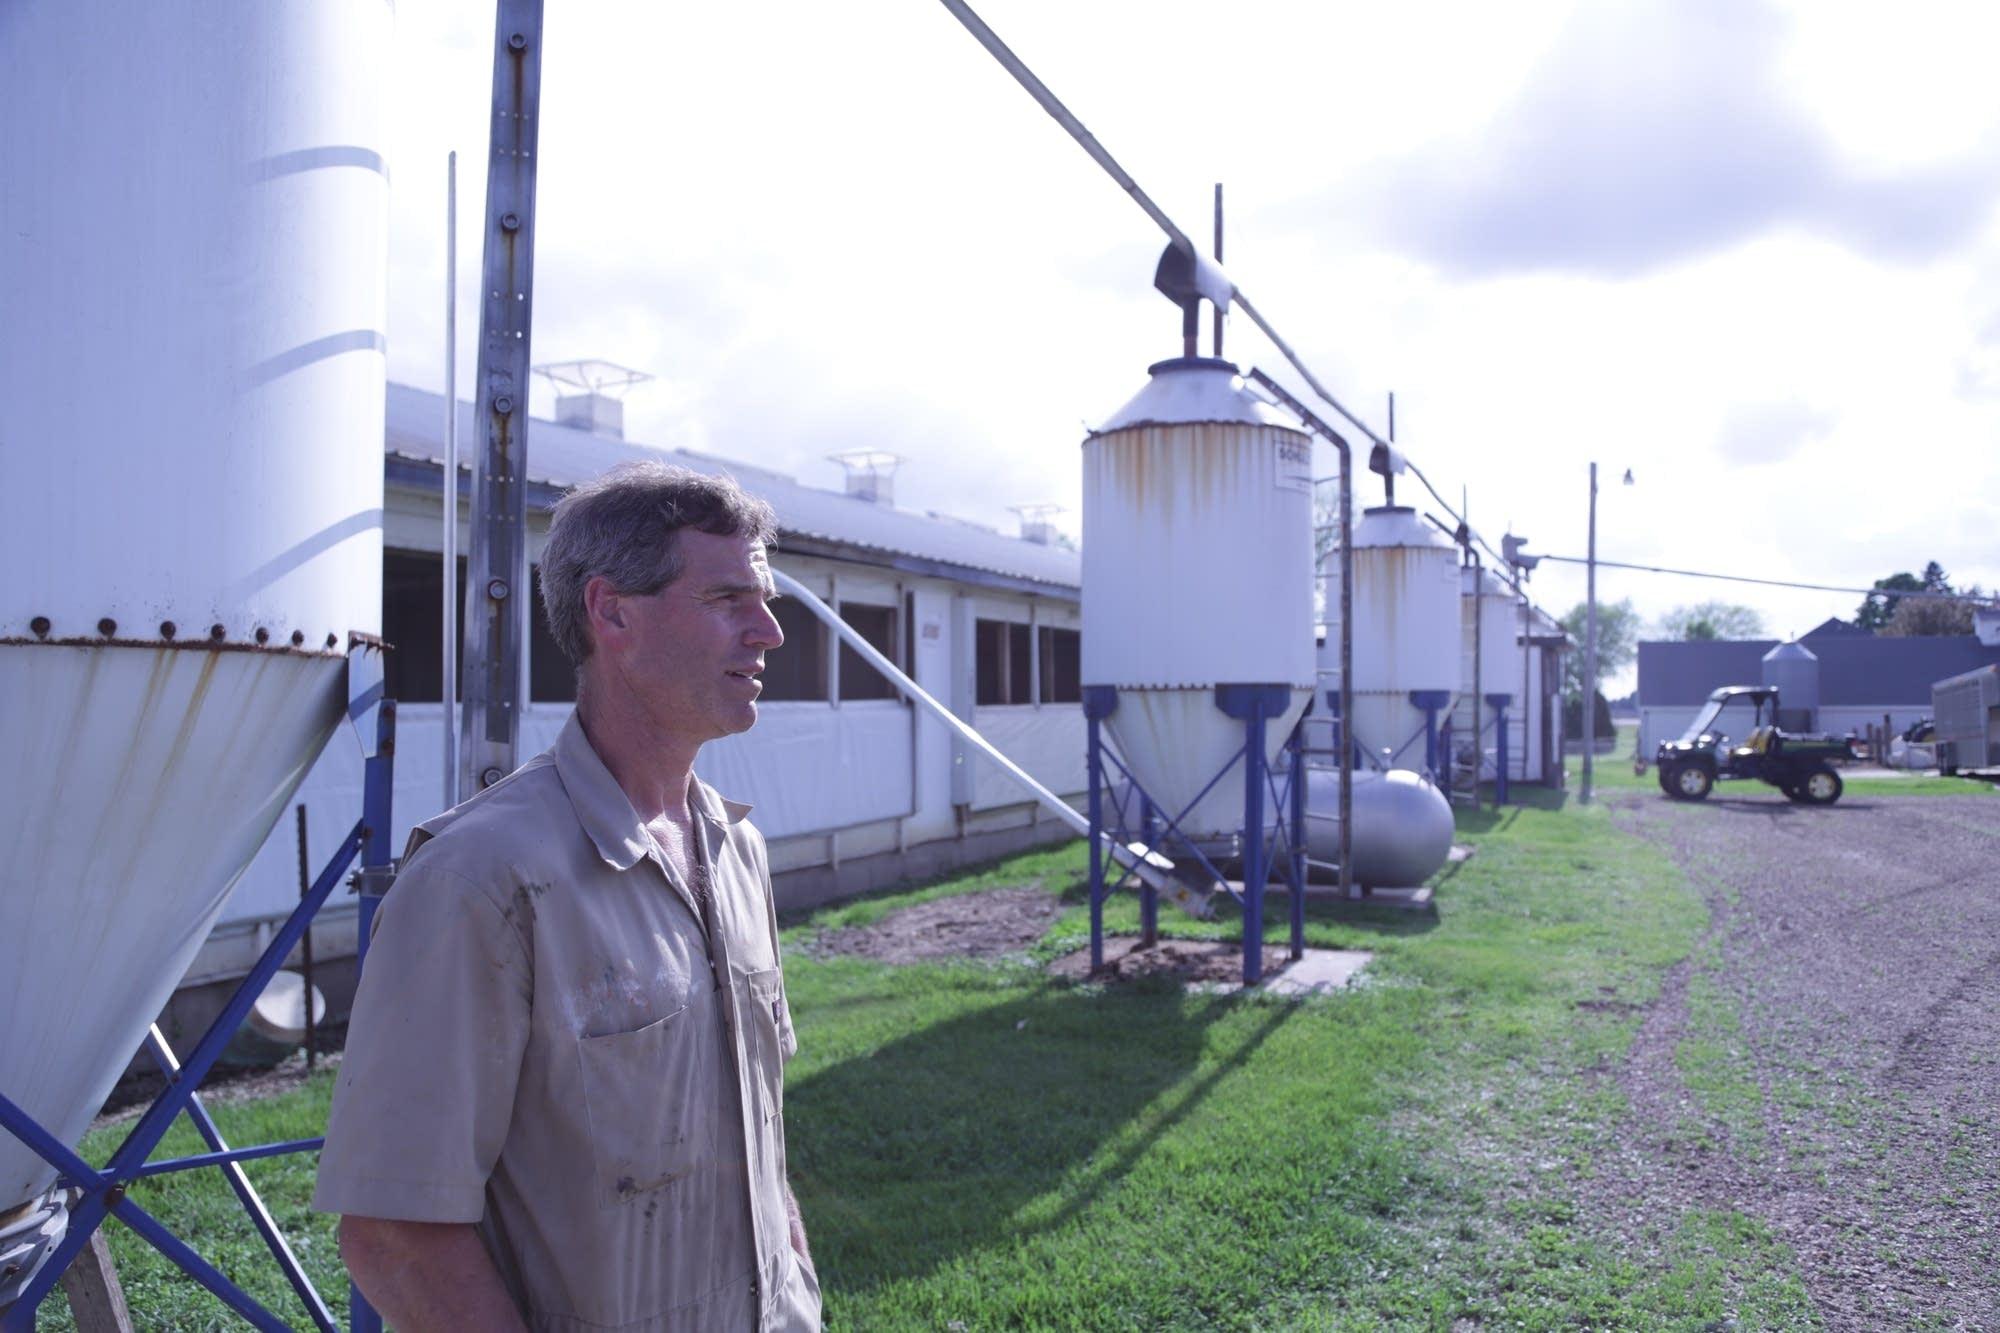 Dale Stevermer stands outside on his hog farm.